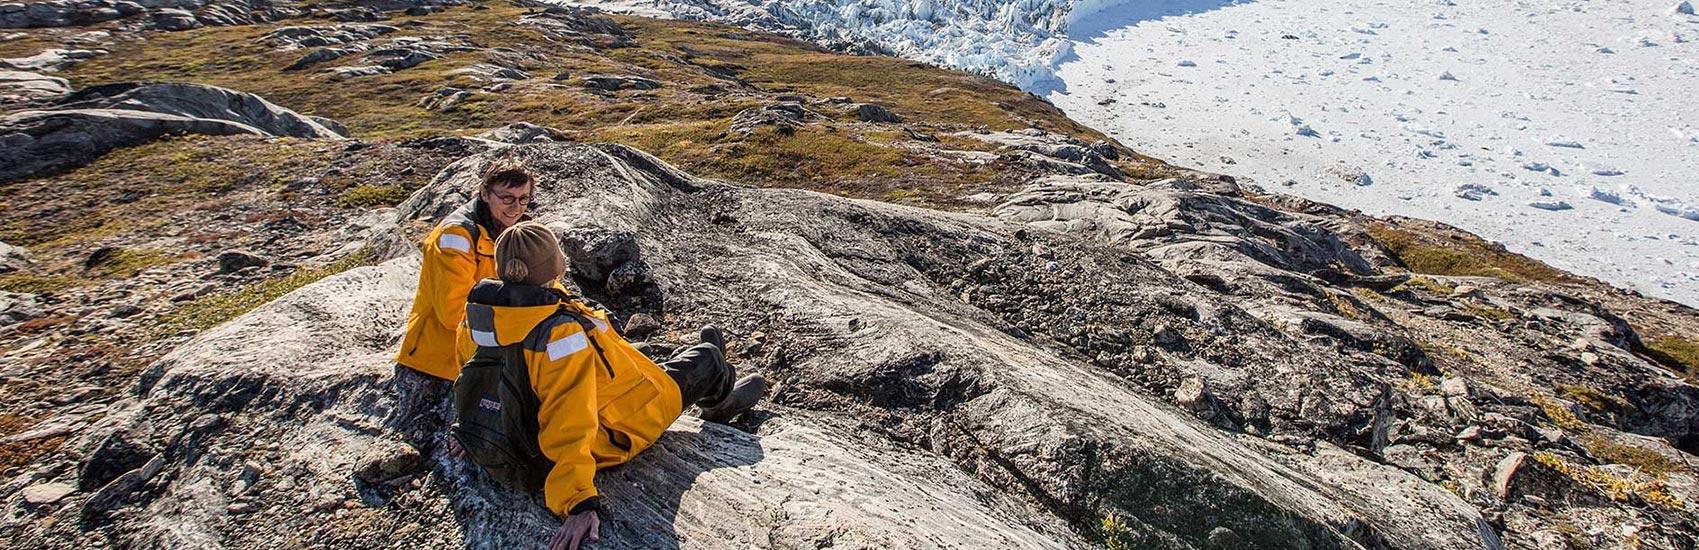 Saison arctique 2023 – Économies sur les réservations anticipées avec Quark Expeditions 4